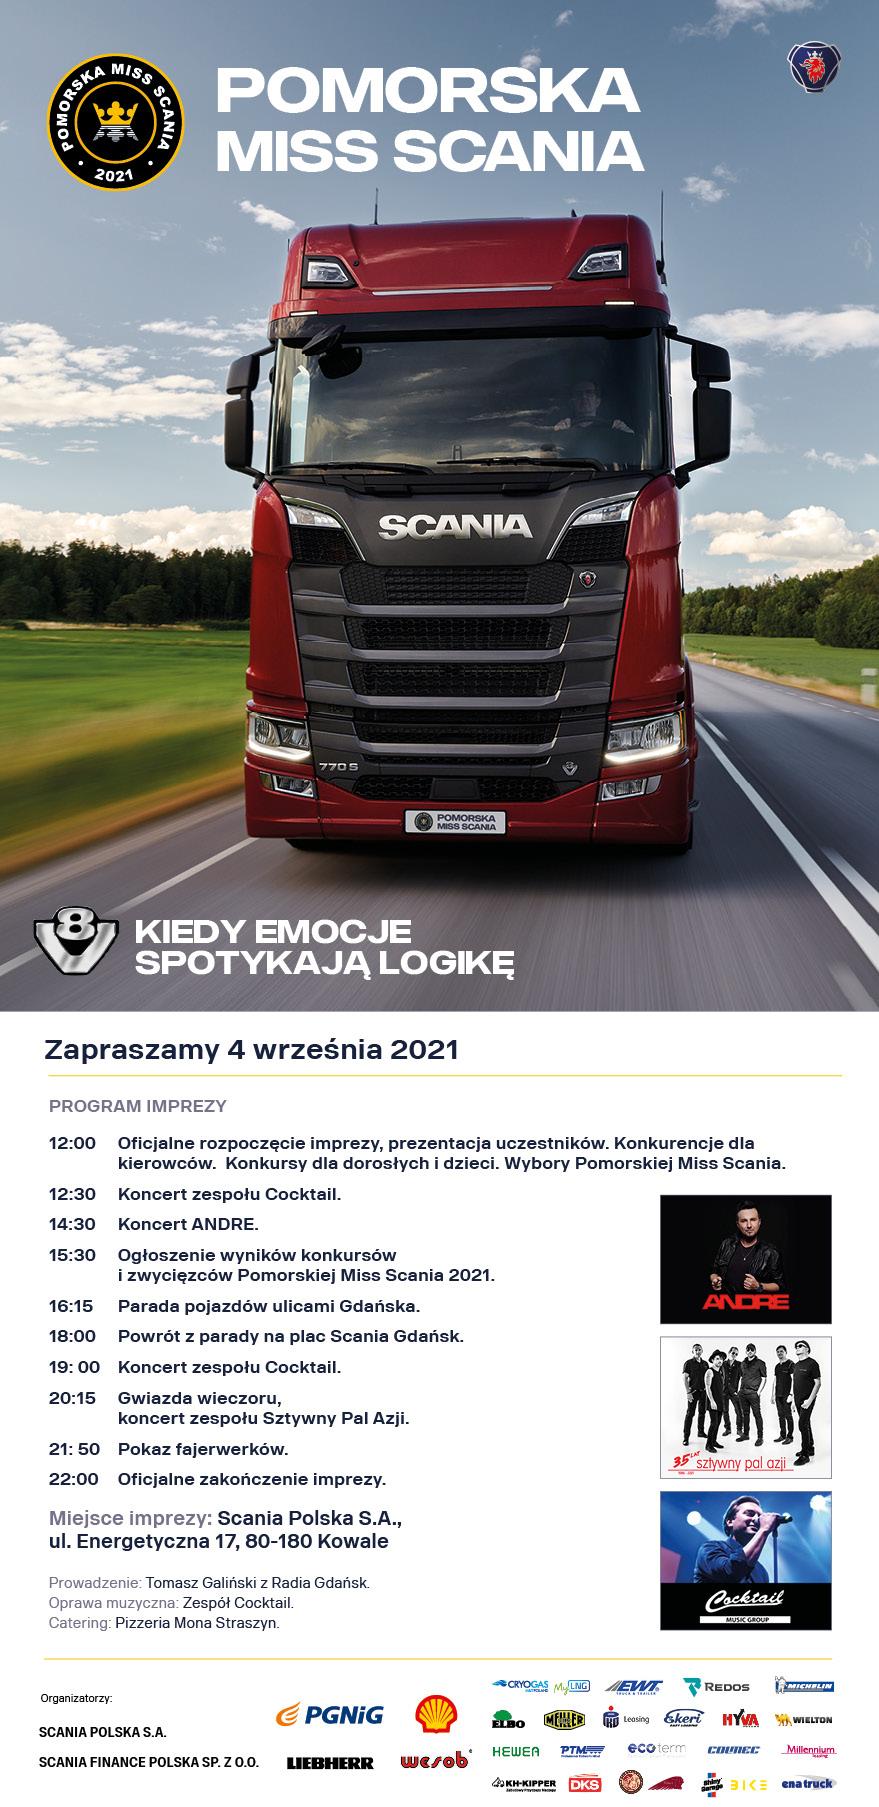 """""""Pomorska Miss Scania"""" wraca w najlepszej – tradycyjnej formie"""